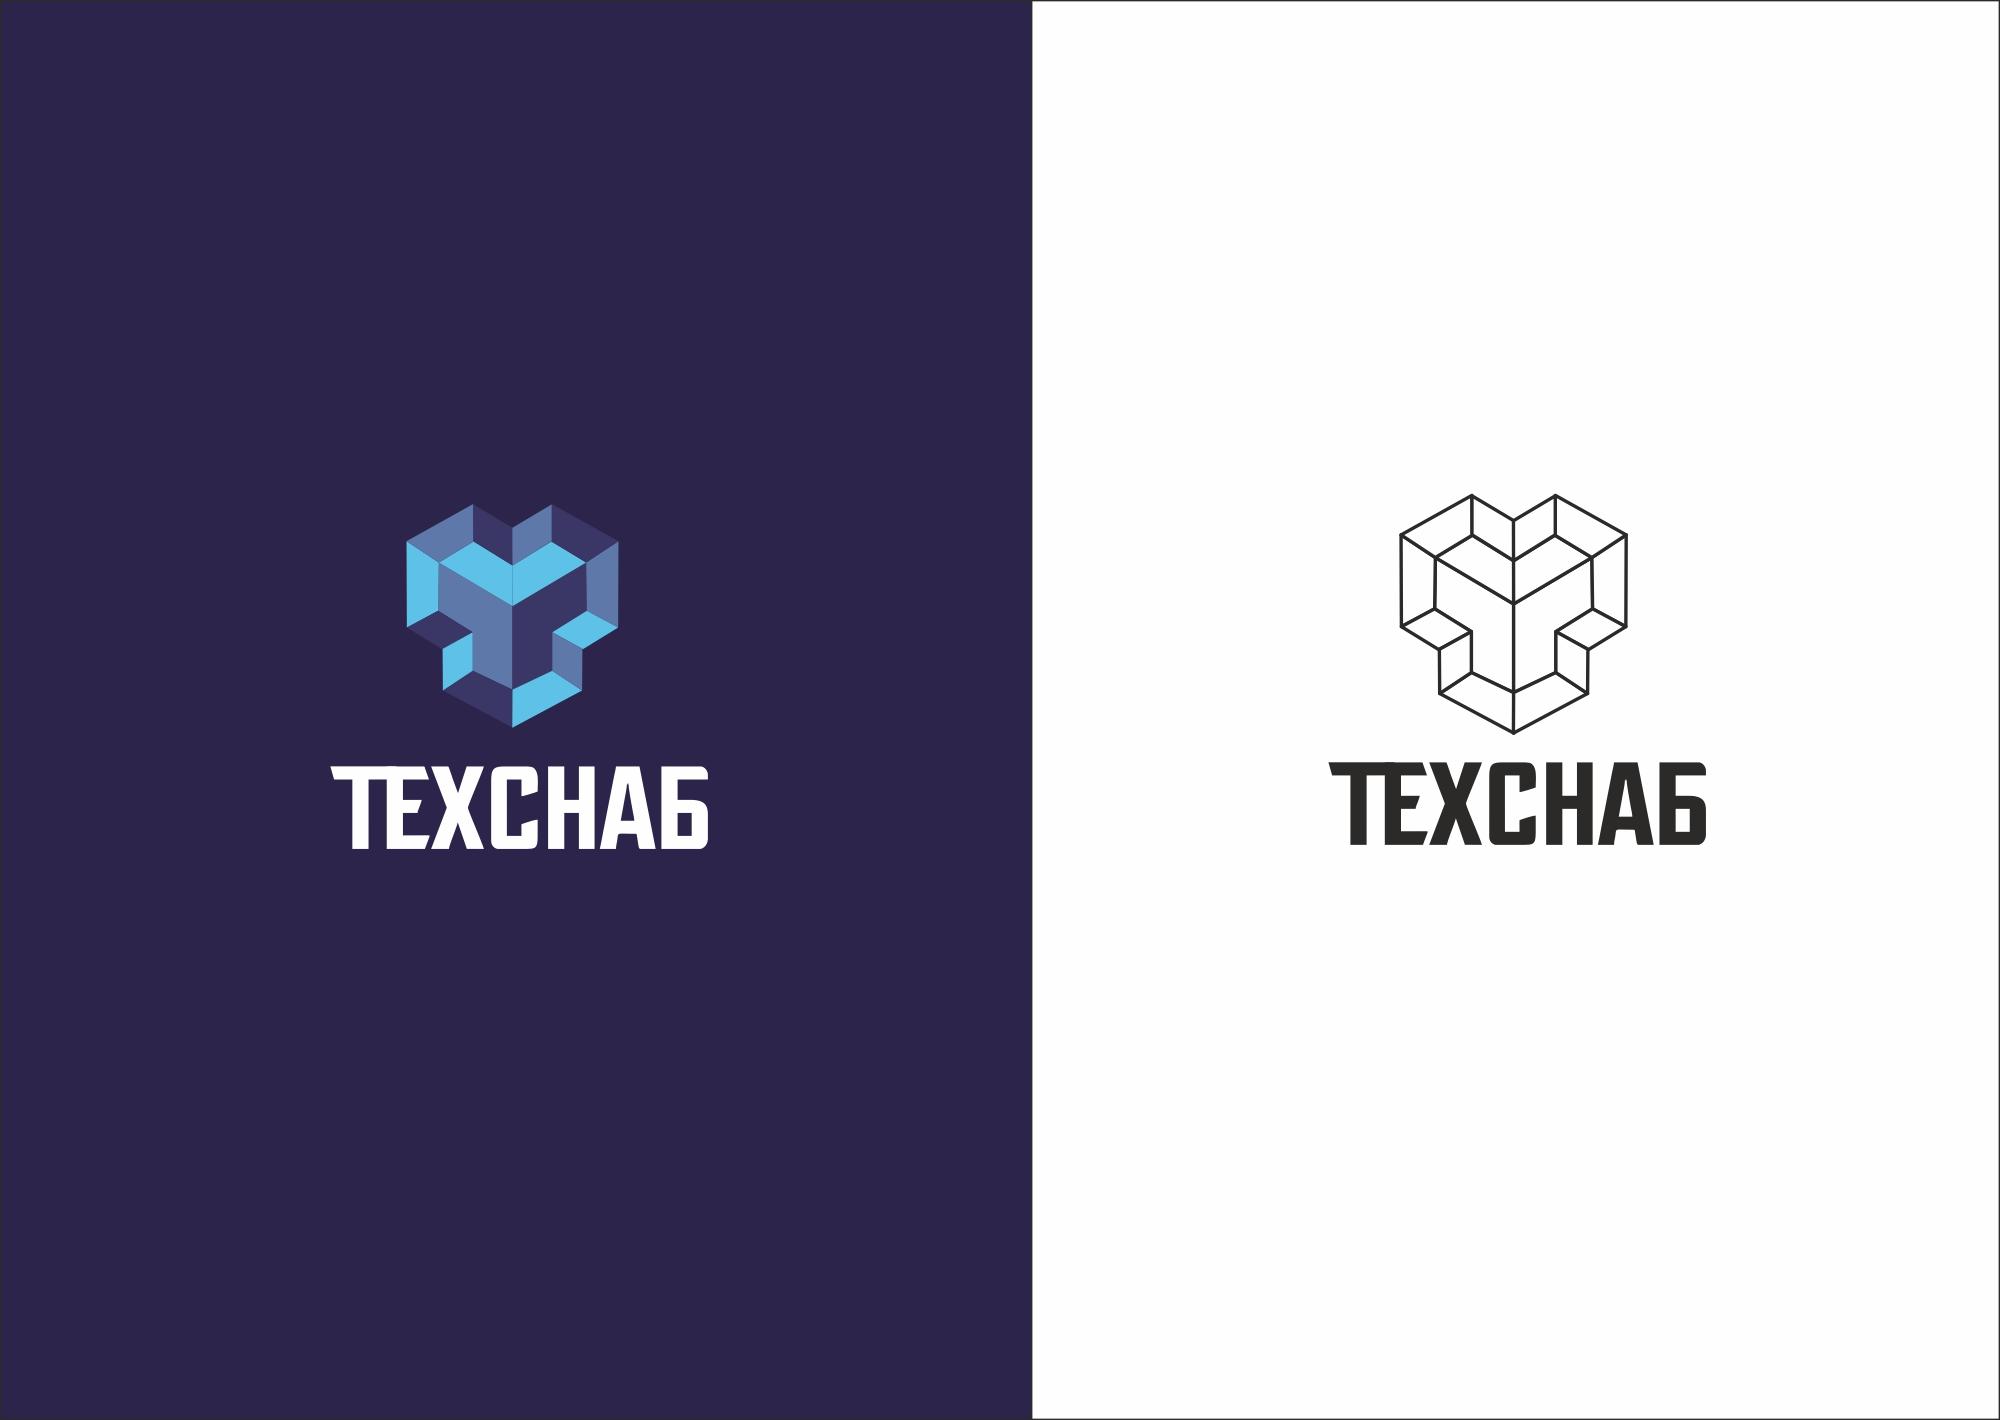 Разработка логотипа и фирм. стиля компании  ТЕХСНАБ фото f_7605b21b724435c6.jpg